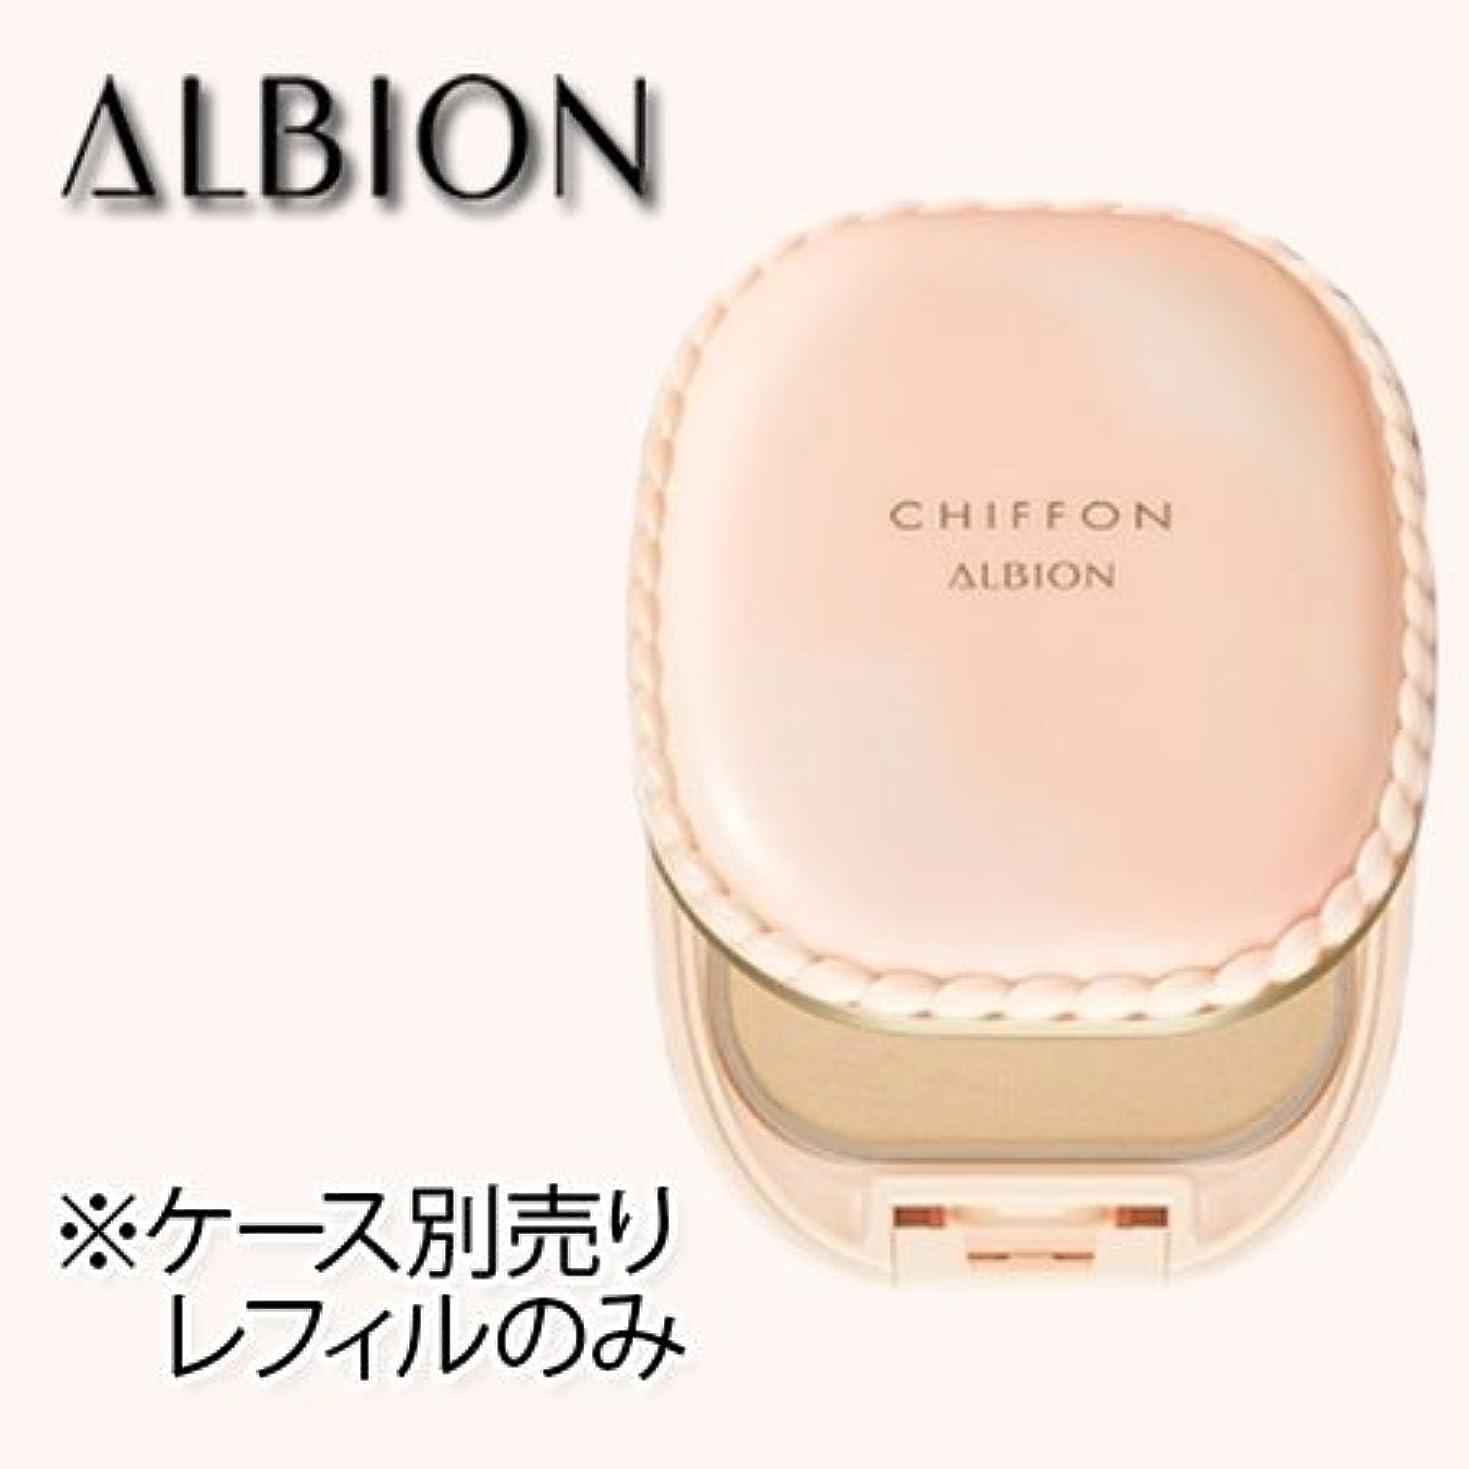 タイル緩める既にアルビオン スウィート モイスチュア シフォン (レフィル) 10g 6色 SPF22 PA++-ALBION- 070